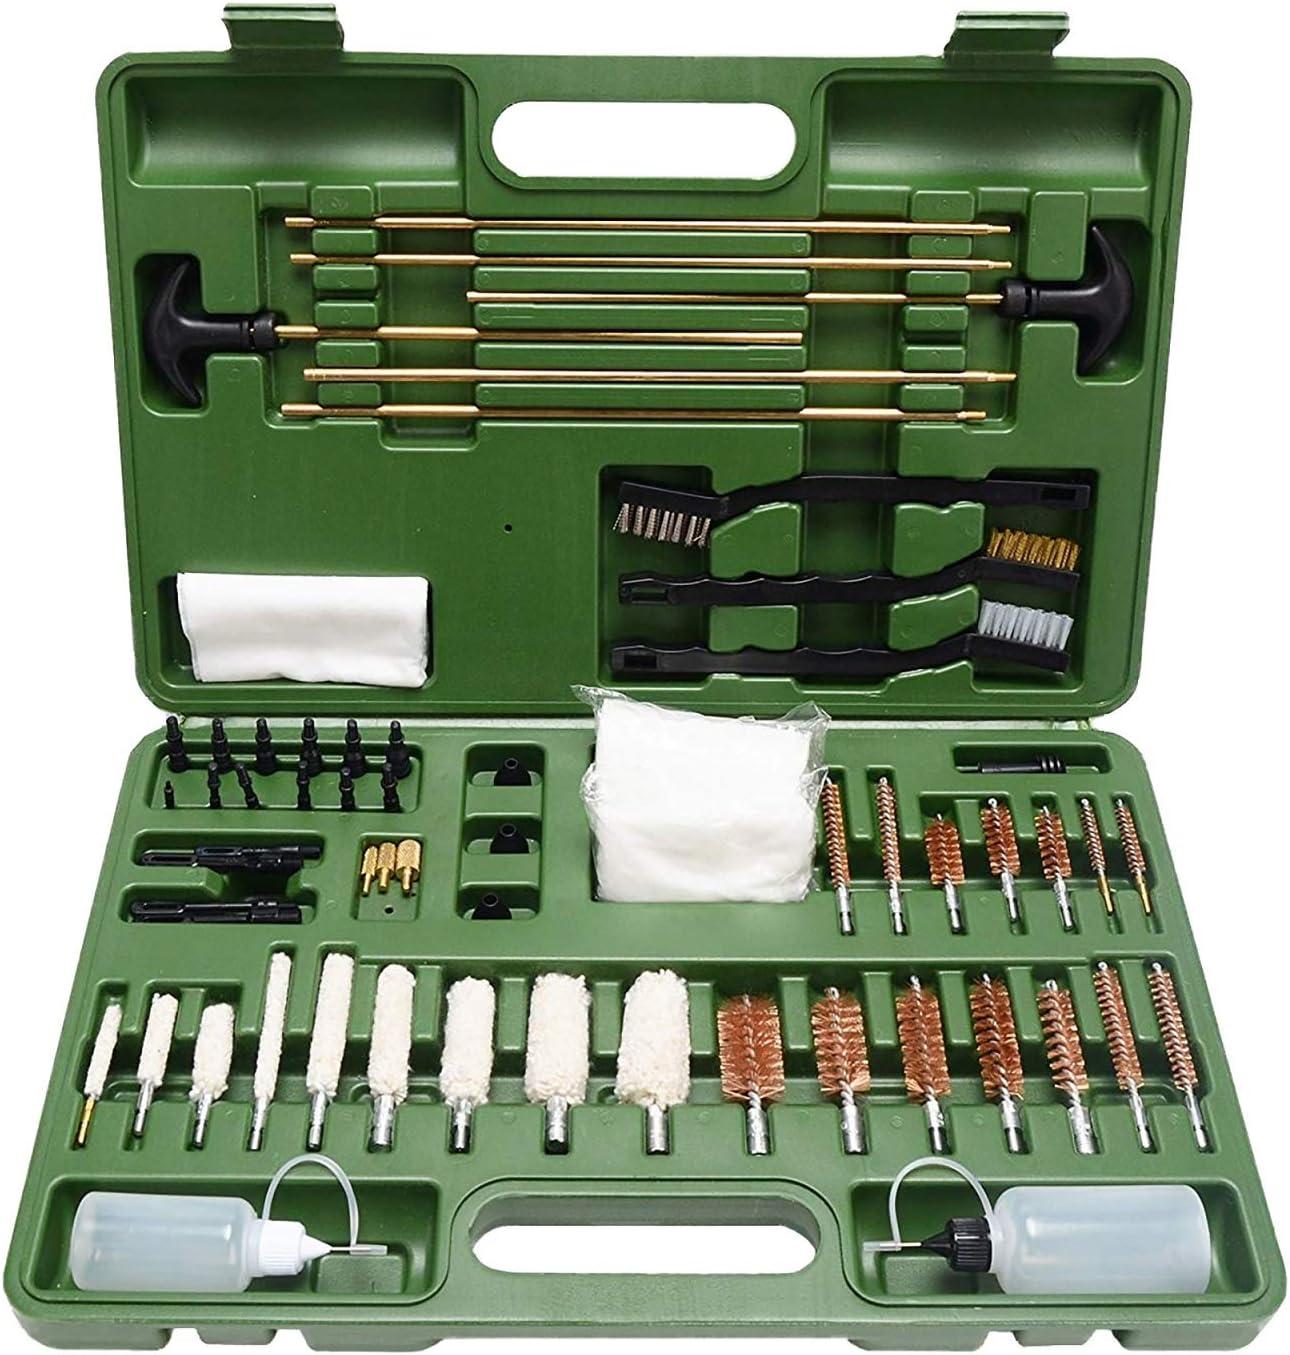 FREETIME Upgraded Version Gun Cleaning Kit